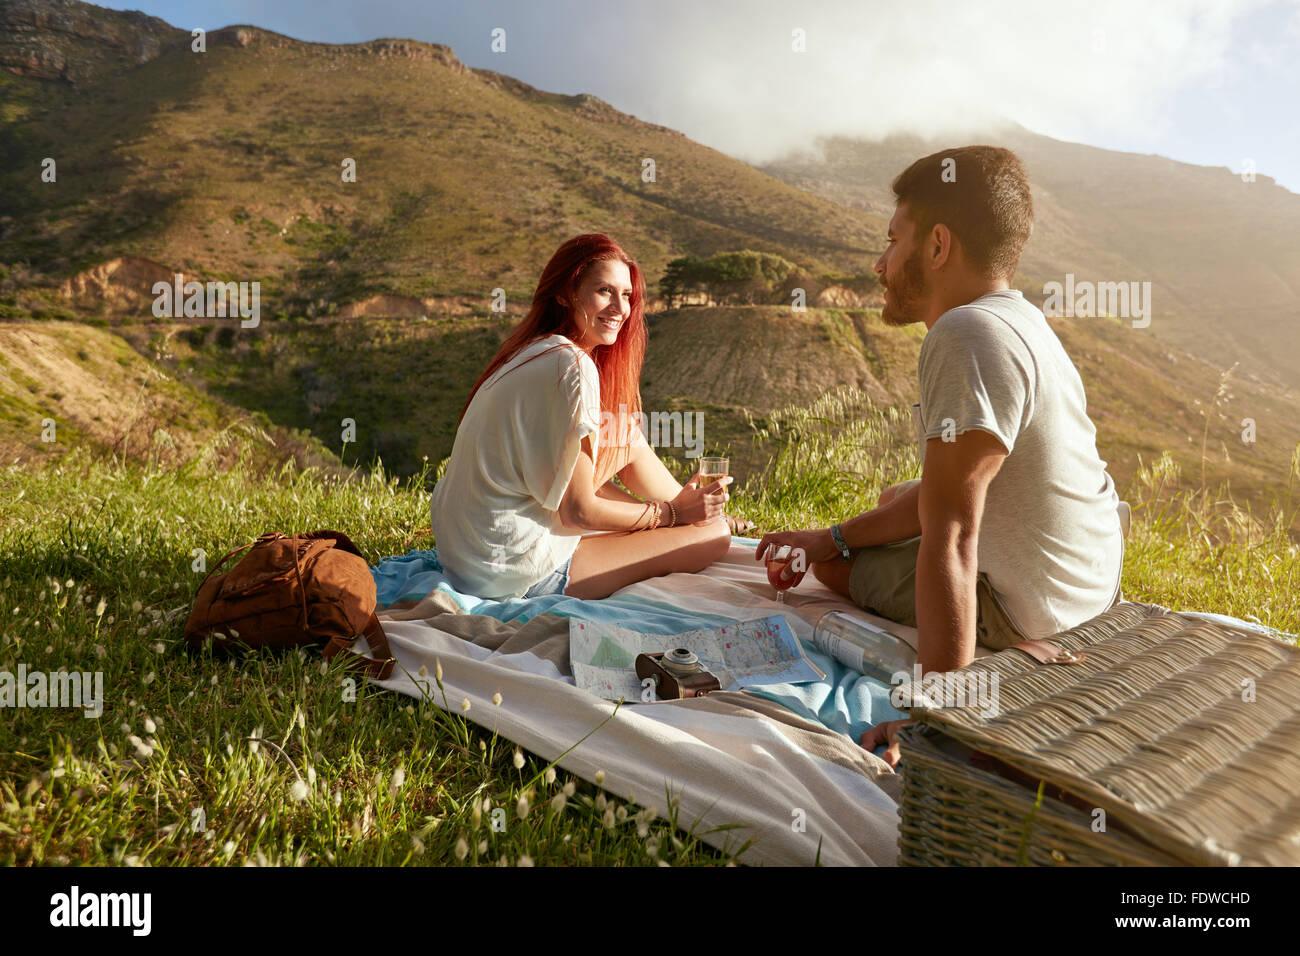 Jeune homme et femme assise sur l'herbe au cours d'un pique-nique avec verre de vin. Jeune couple aimant avoir une Banque D'Images